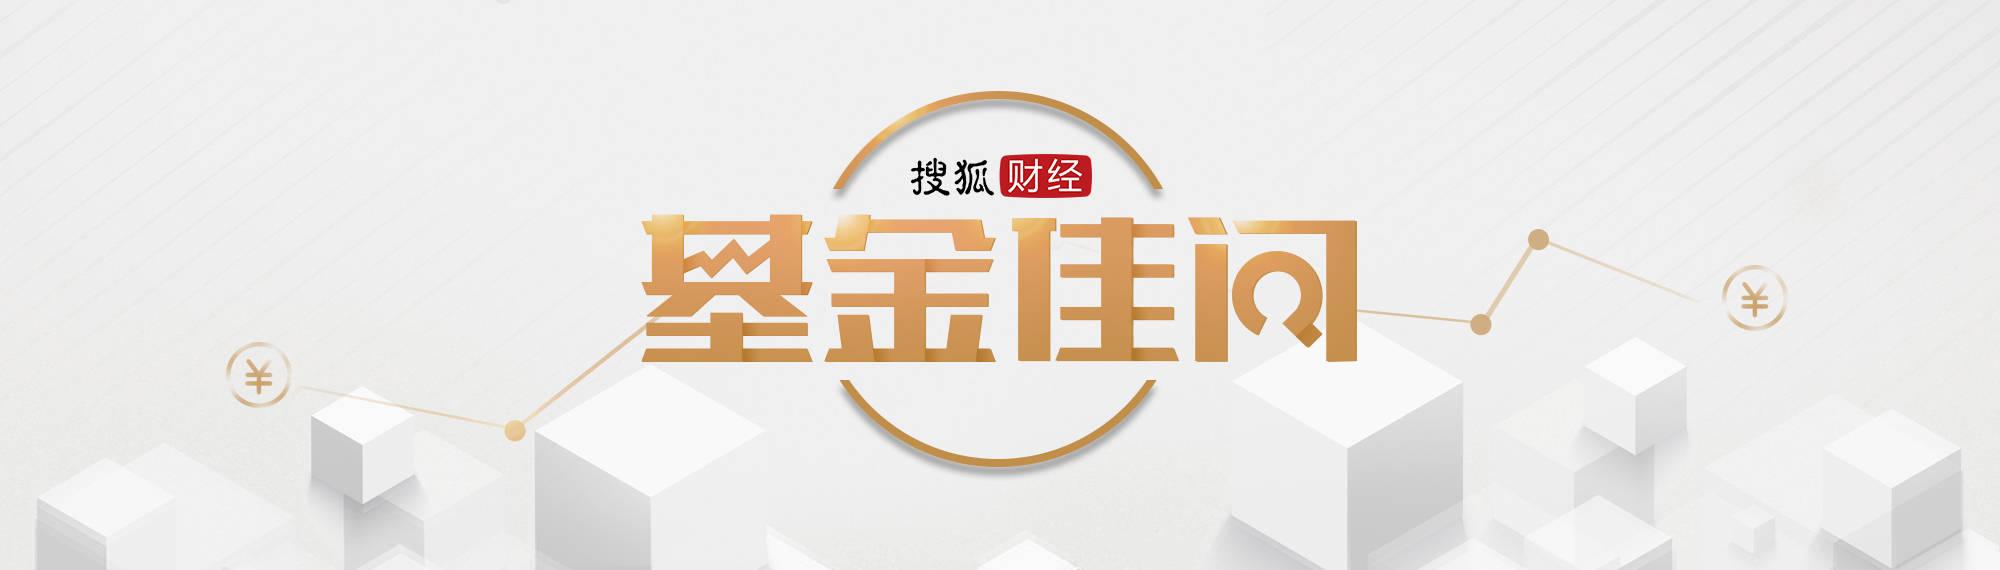 中国农业银行惠理赵薇:看好3-5年新能源产业发展,但关注产业波动|基金文佳30号